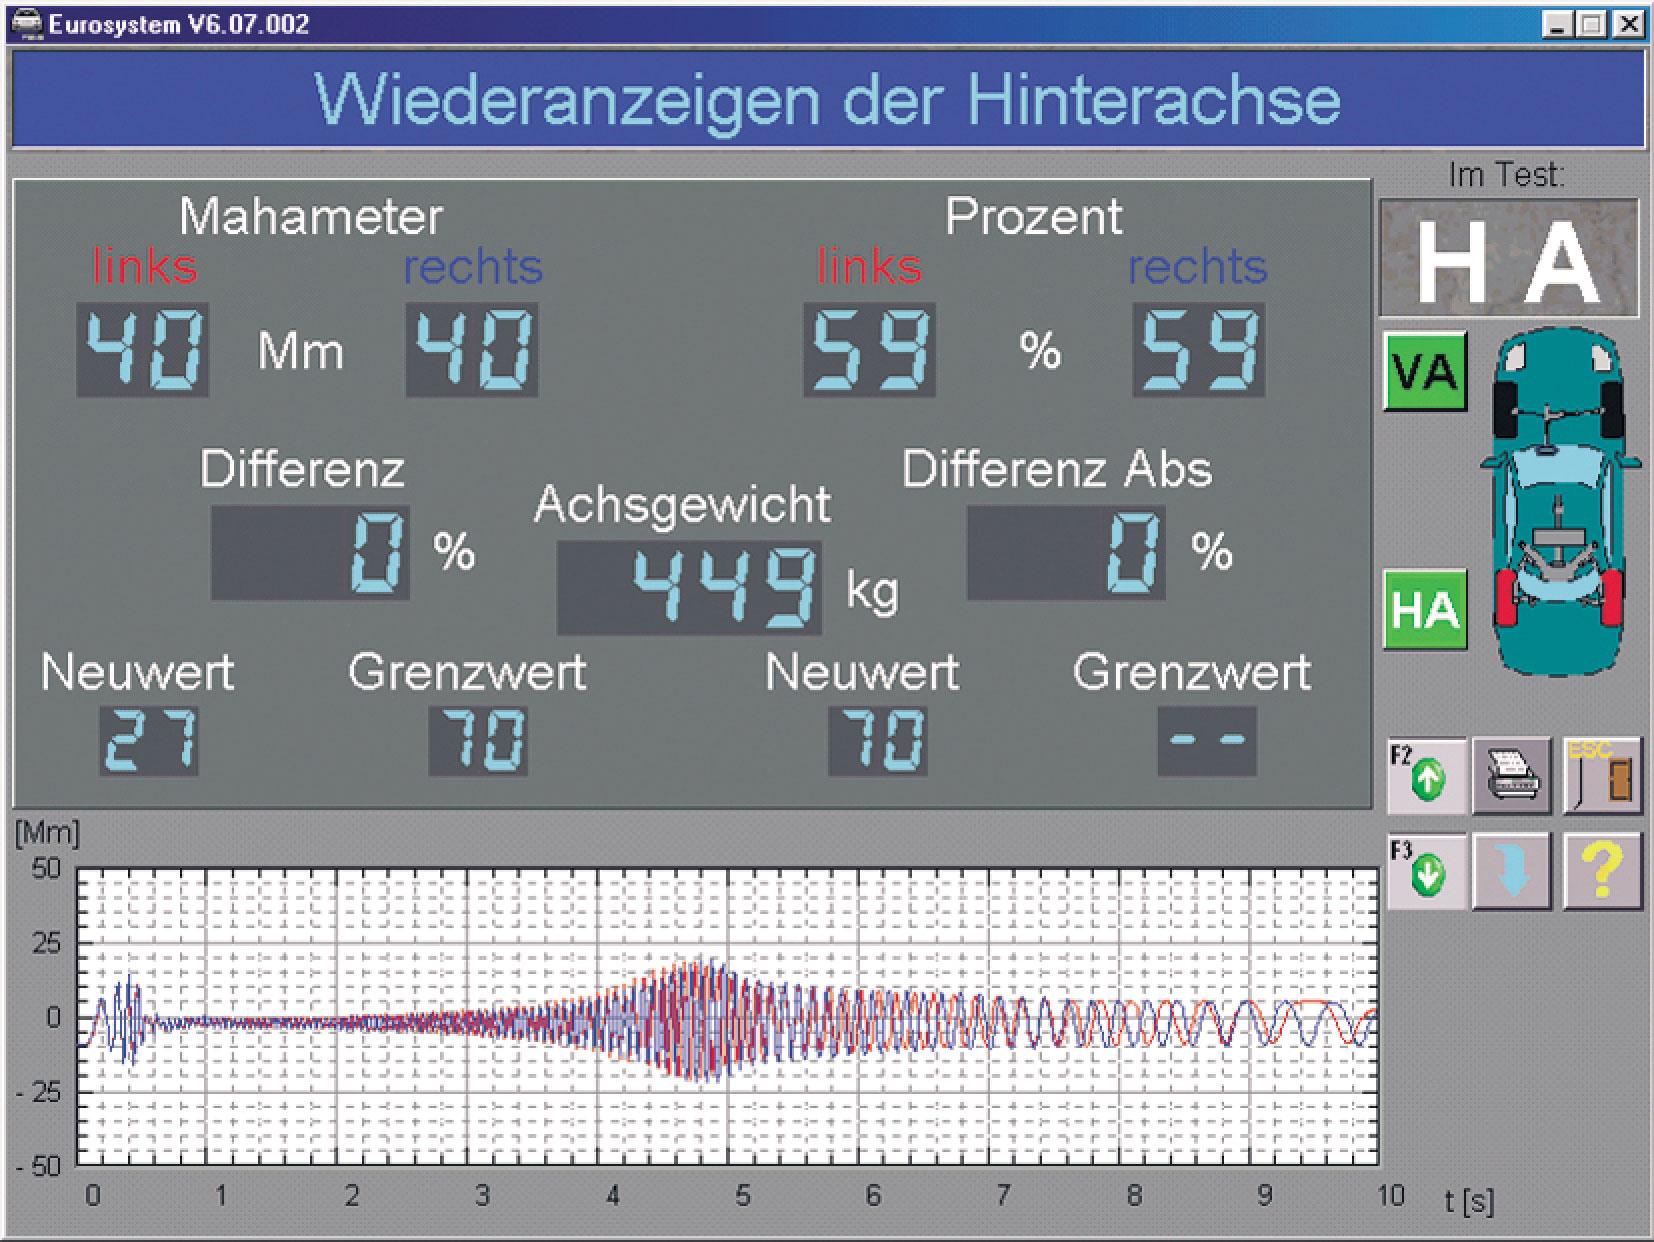 4b. Przykład liczbowej iwykreślnej (przebieg przemieszczenia płyty stanowiska wfunkcji czasu) prezentacji wyników badania układu zawieszenia samochodu na stanowisku SA 2/FWT 1 (źródło: Maha): dla osi tylnej